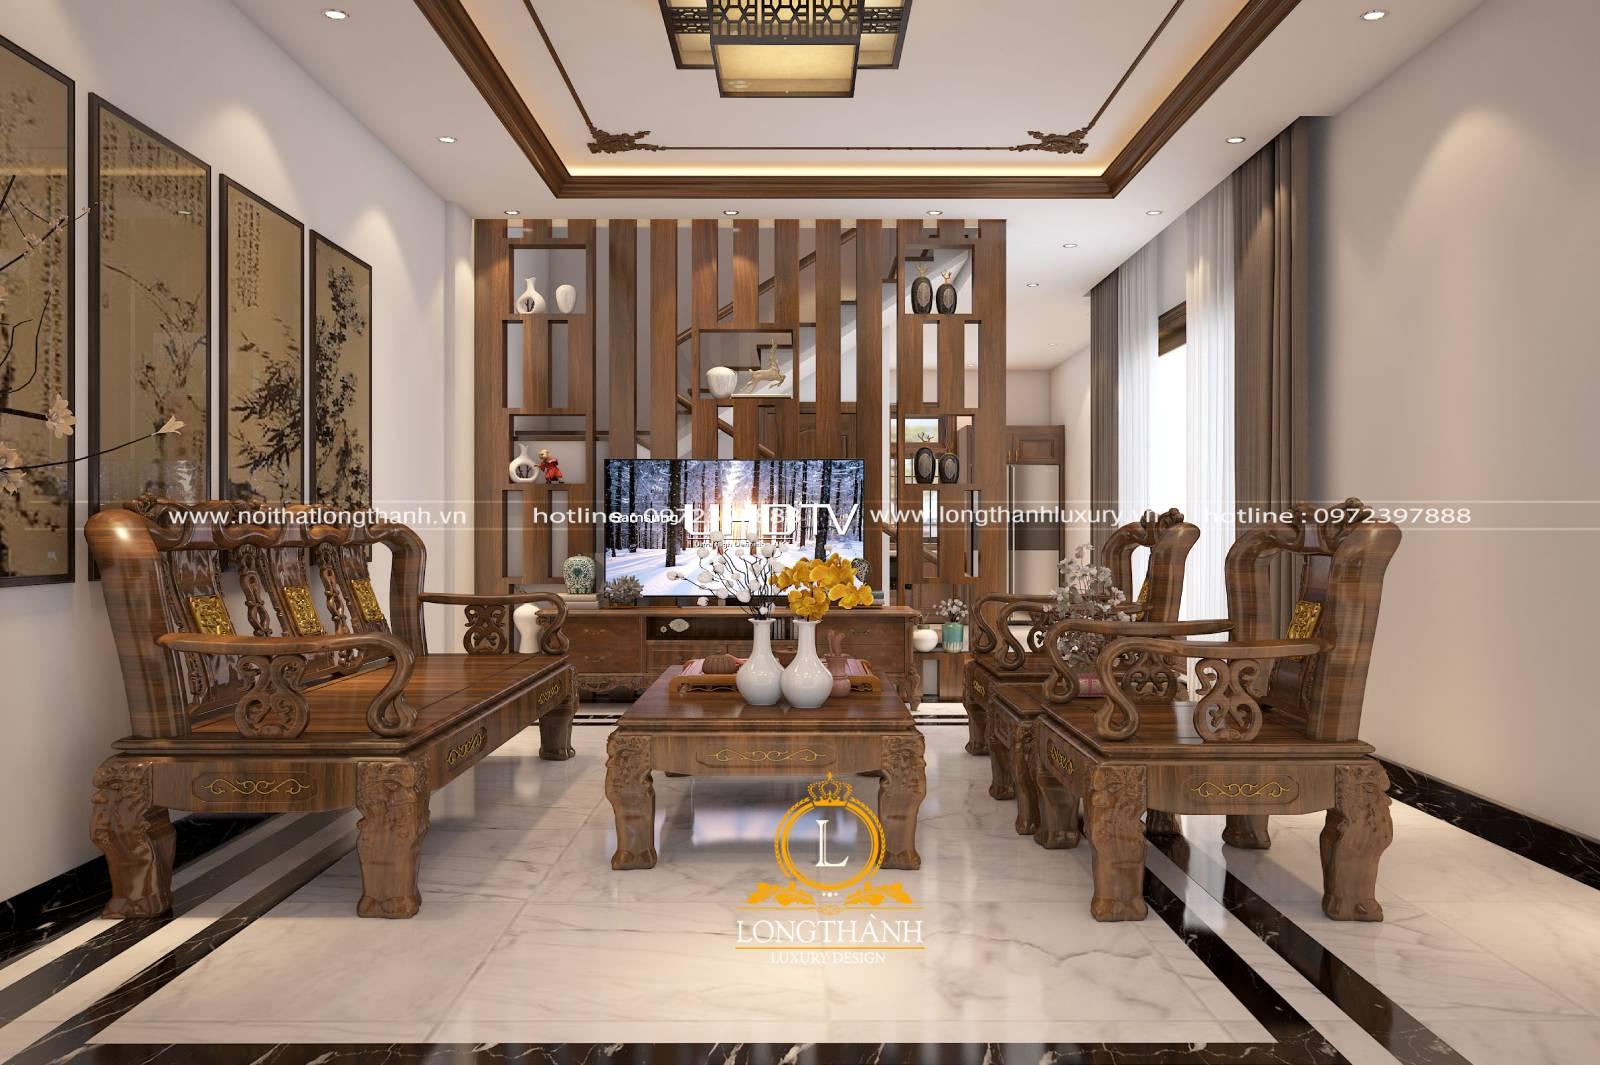 Mẫu phòng khách nhà phố được thiết kế theo đơn giản sử dụng gỗ tự nhiên